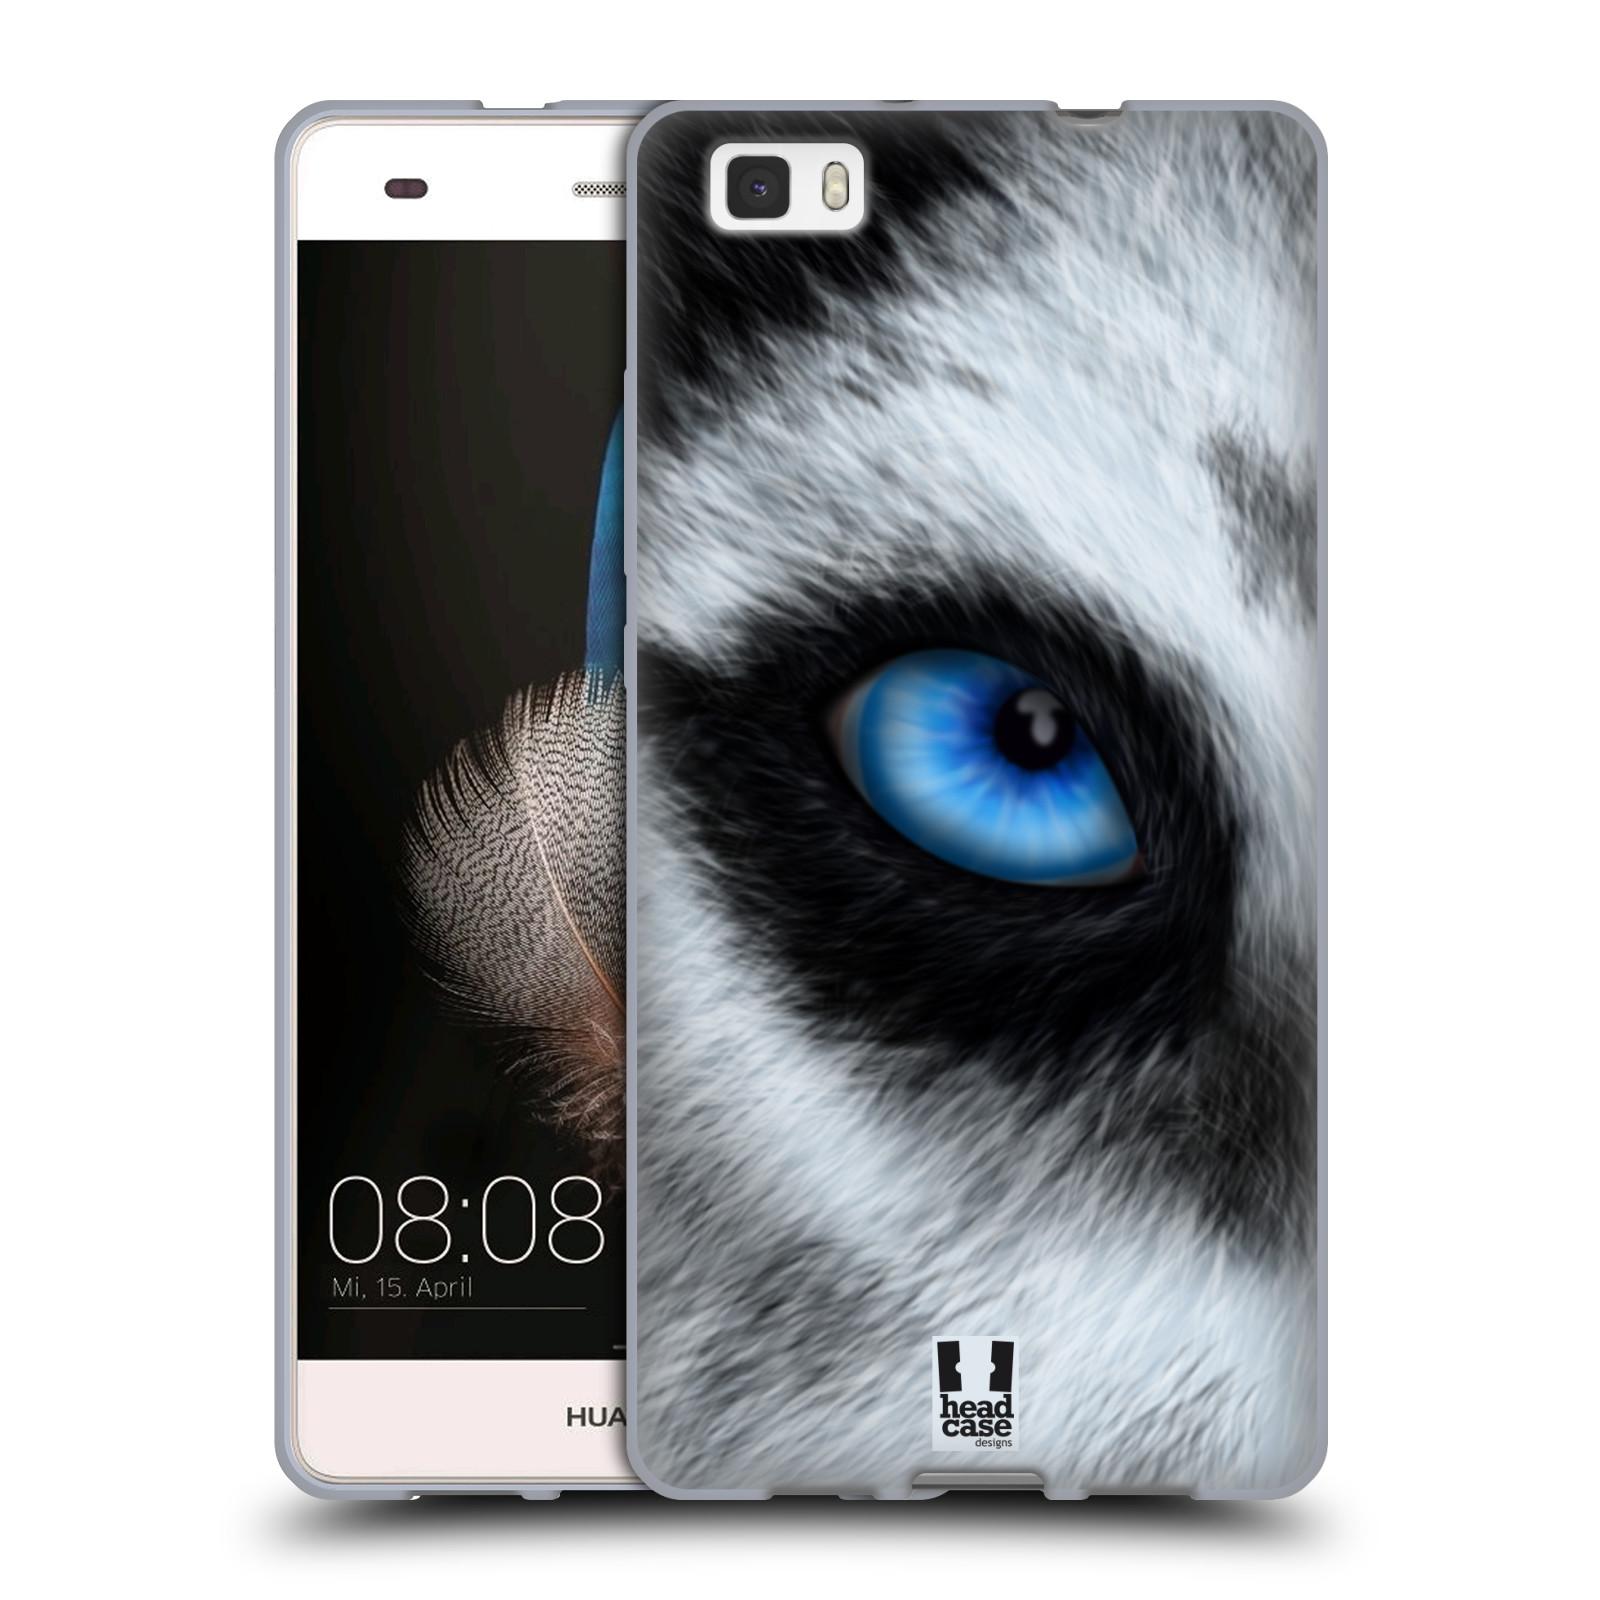 HEAD CASE silikonový obal na mobil HUAWEI P8 LITE vzor pohled zvířete oko pes husky